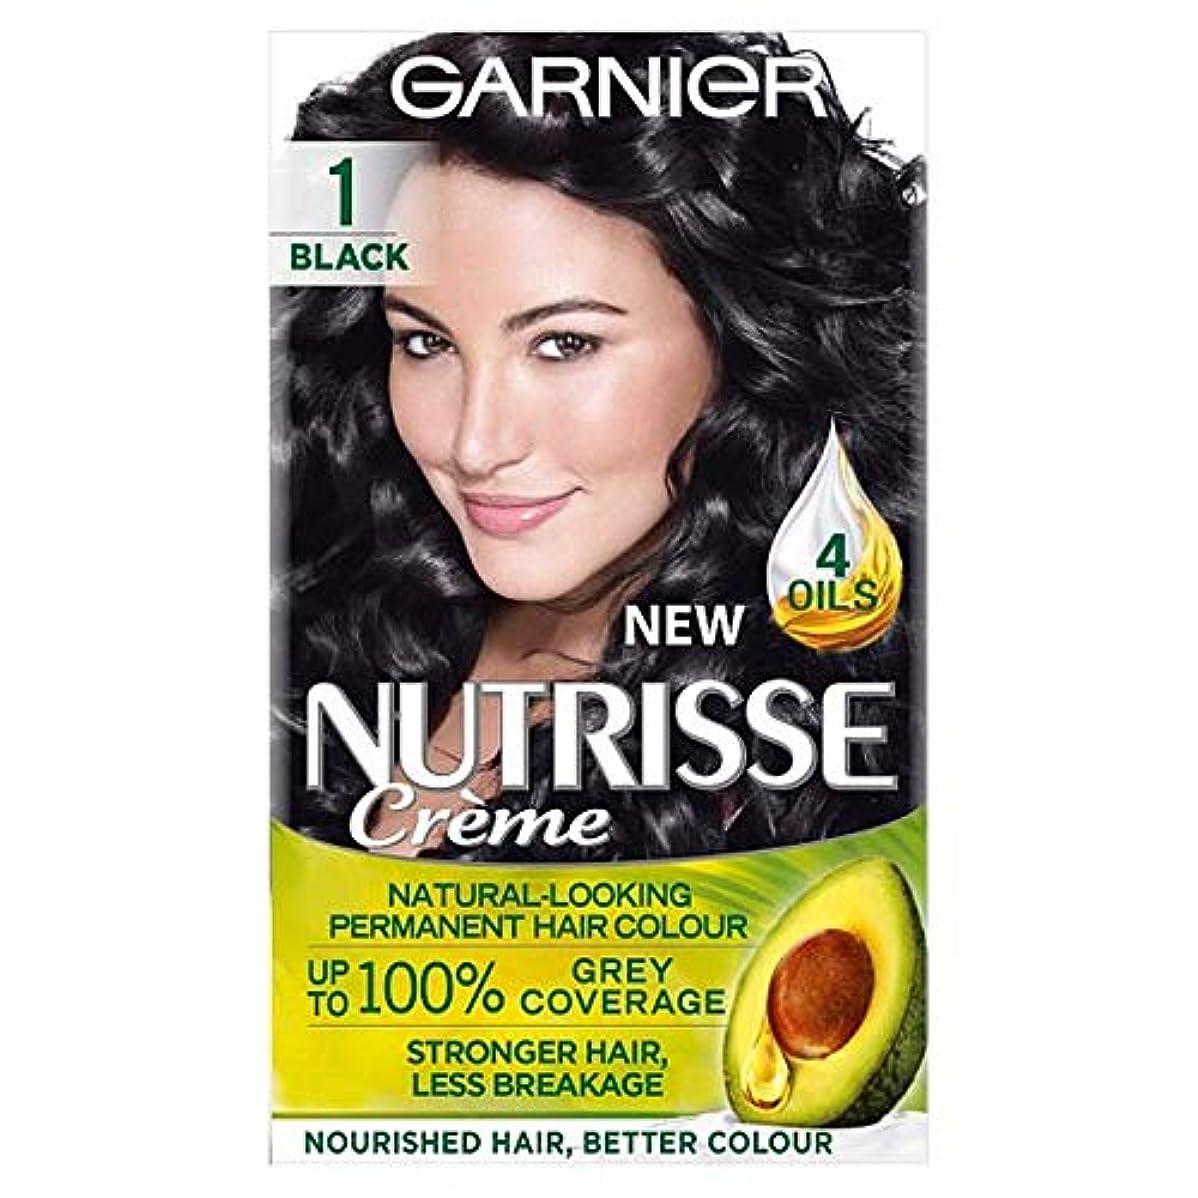 コインランドリーほのかラフ[Nutrisse] ガルニエNutrisse 1黒のパーマネントヘアダイ - Garnier Nutrisse 1 Black Permanent Hair Dye [並行輸入品]